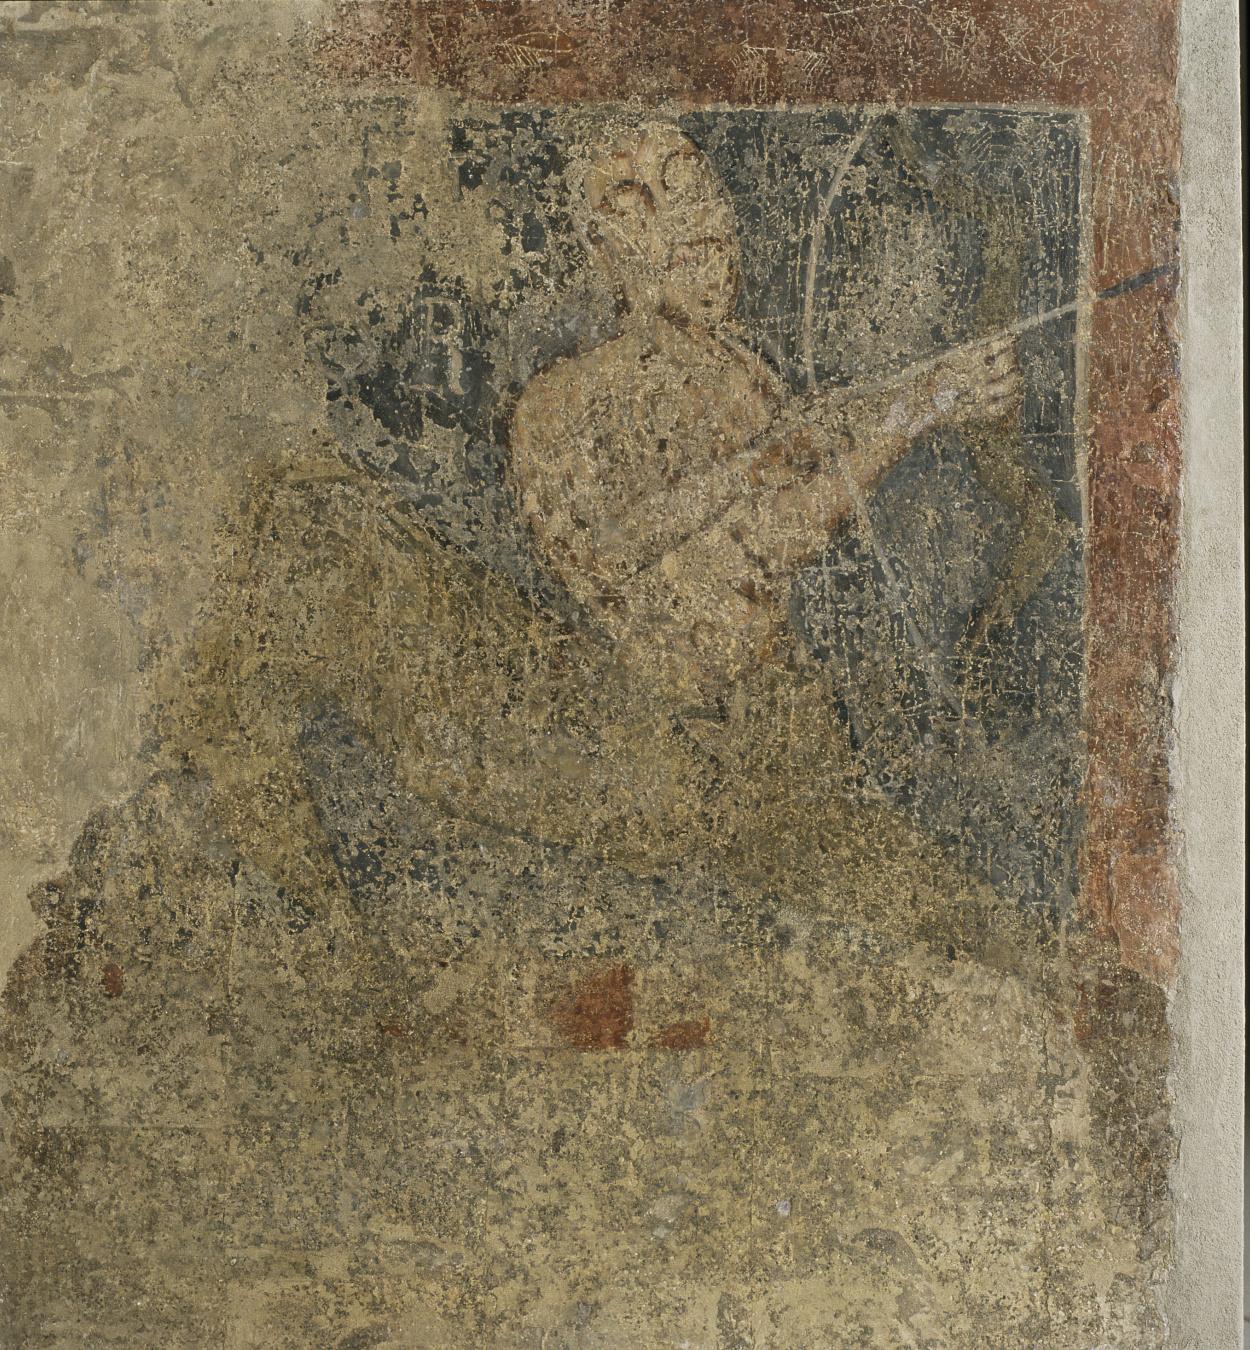 Tercer Mestre de Sorpe - Arcàngel i símbol zodiacal de Sagitari de Sorpe - Mitjan segle XII [2]